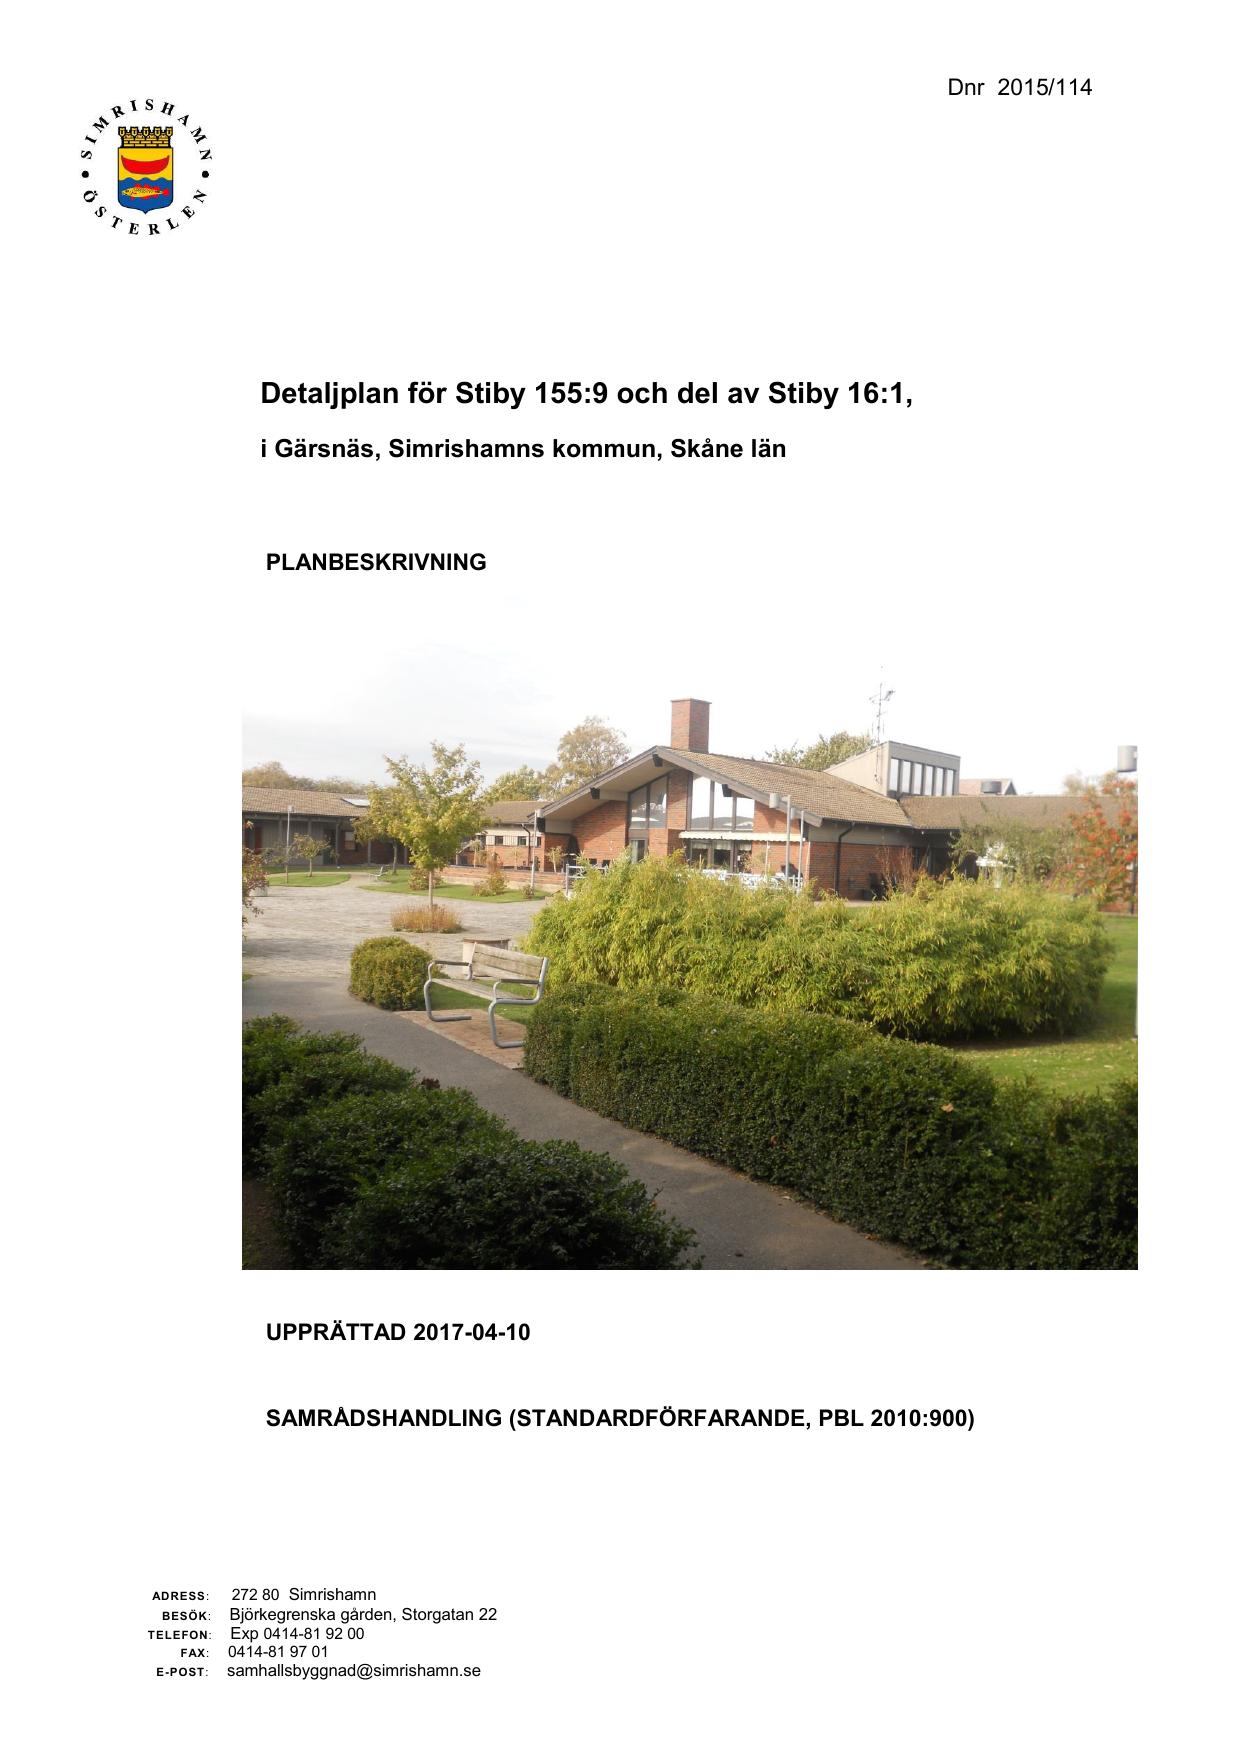 Grsns, Borrby, Hammenhg och Sankt Olof - PDF Free